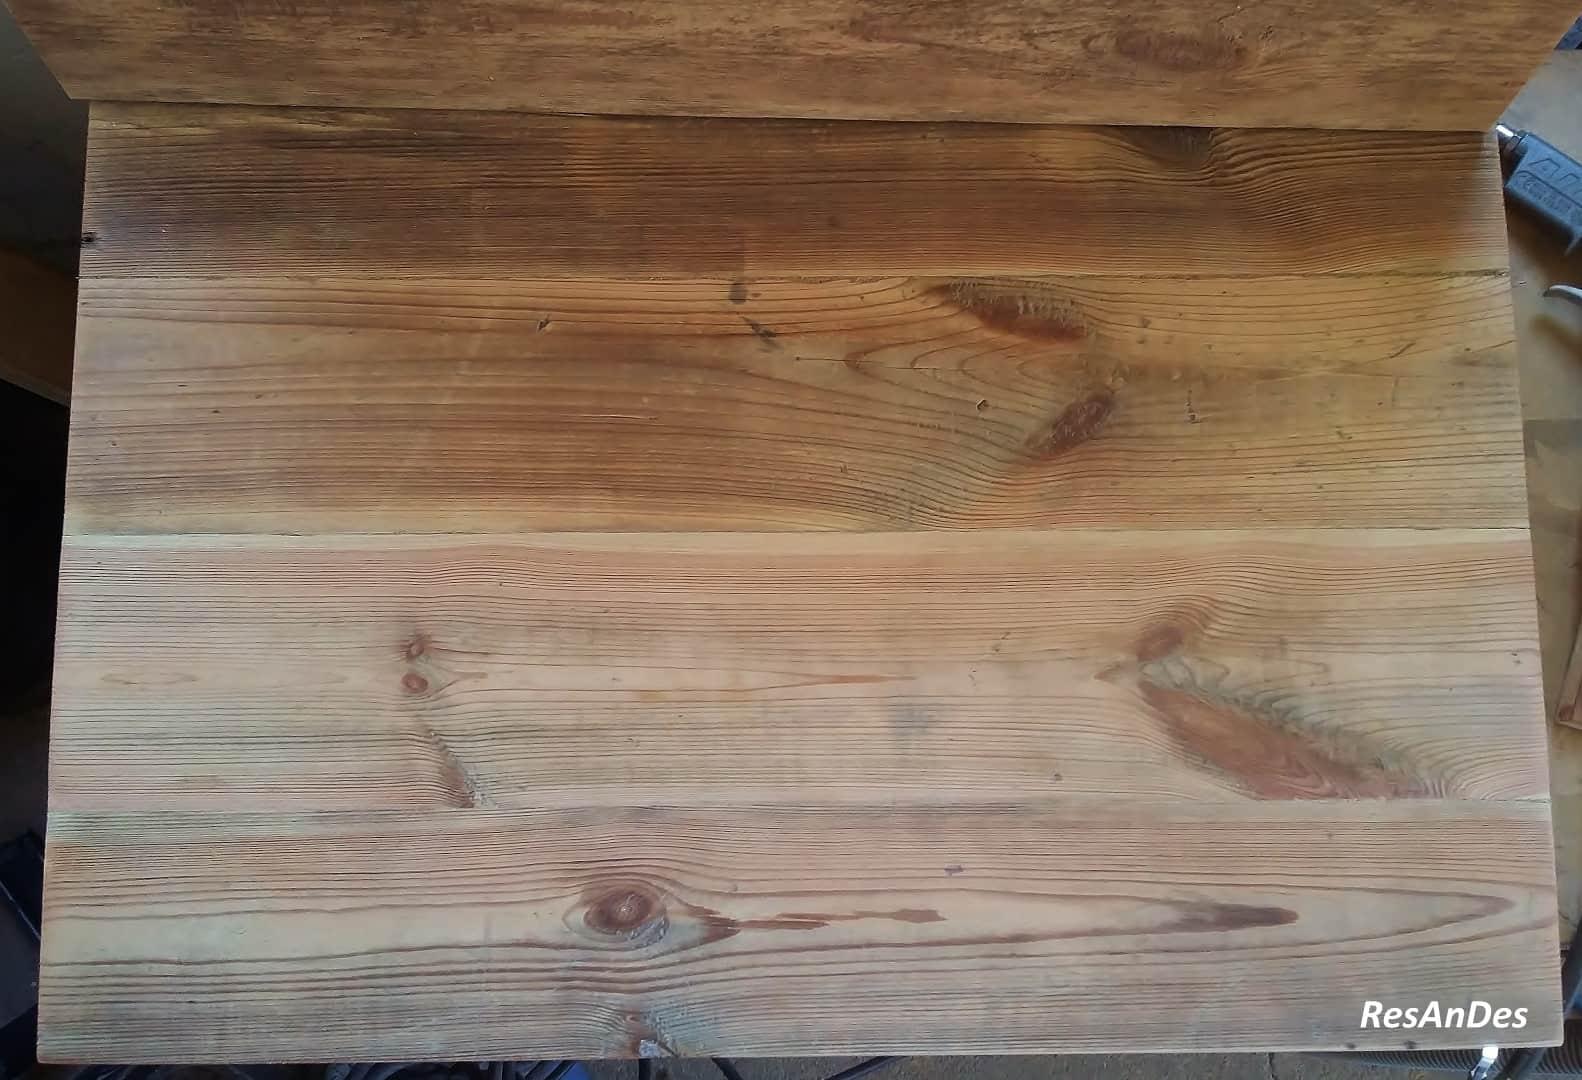 Holzdielen, Alholzdielung, Dielenboden, Dielen, Fußboden Bretter,